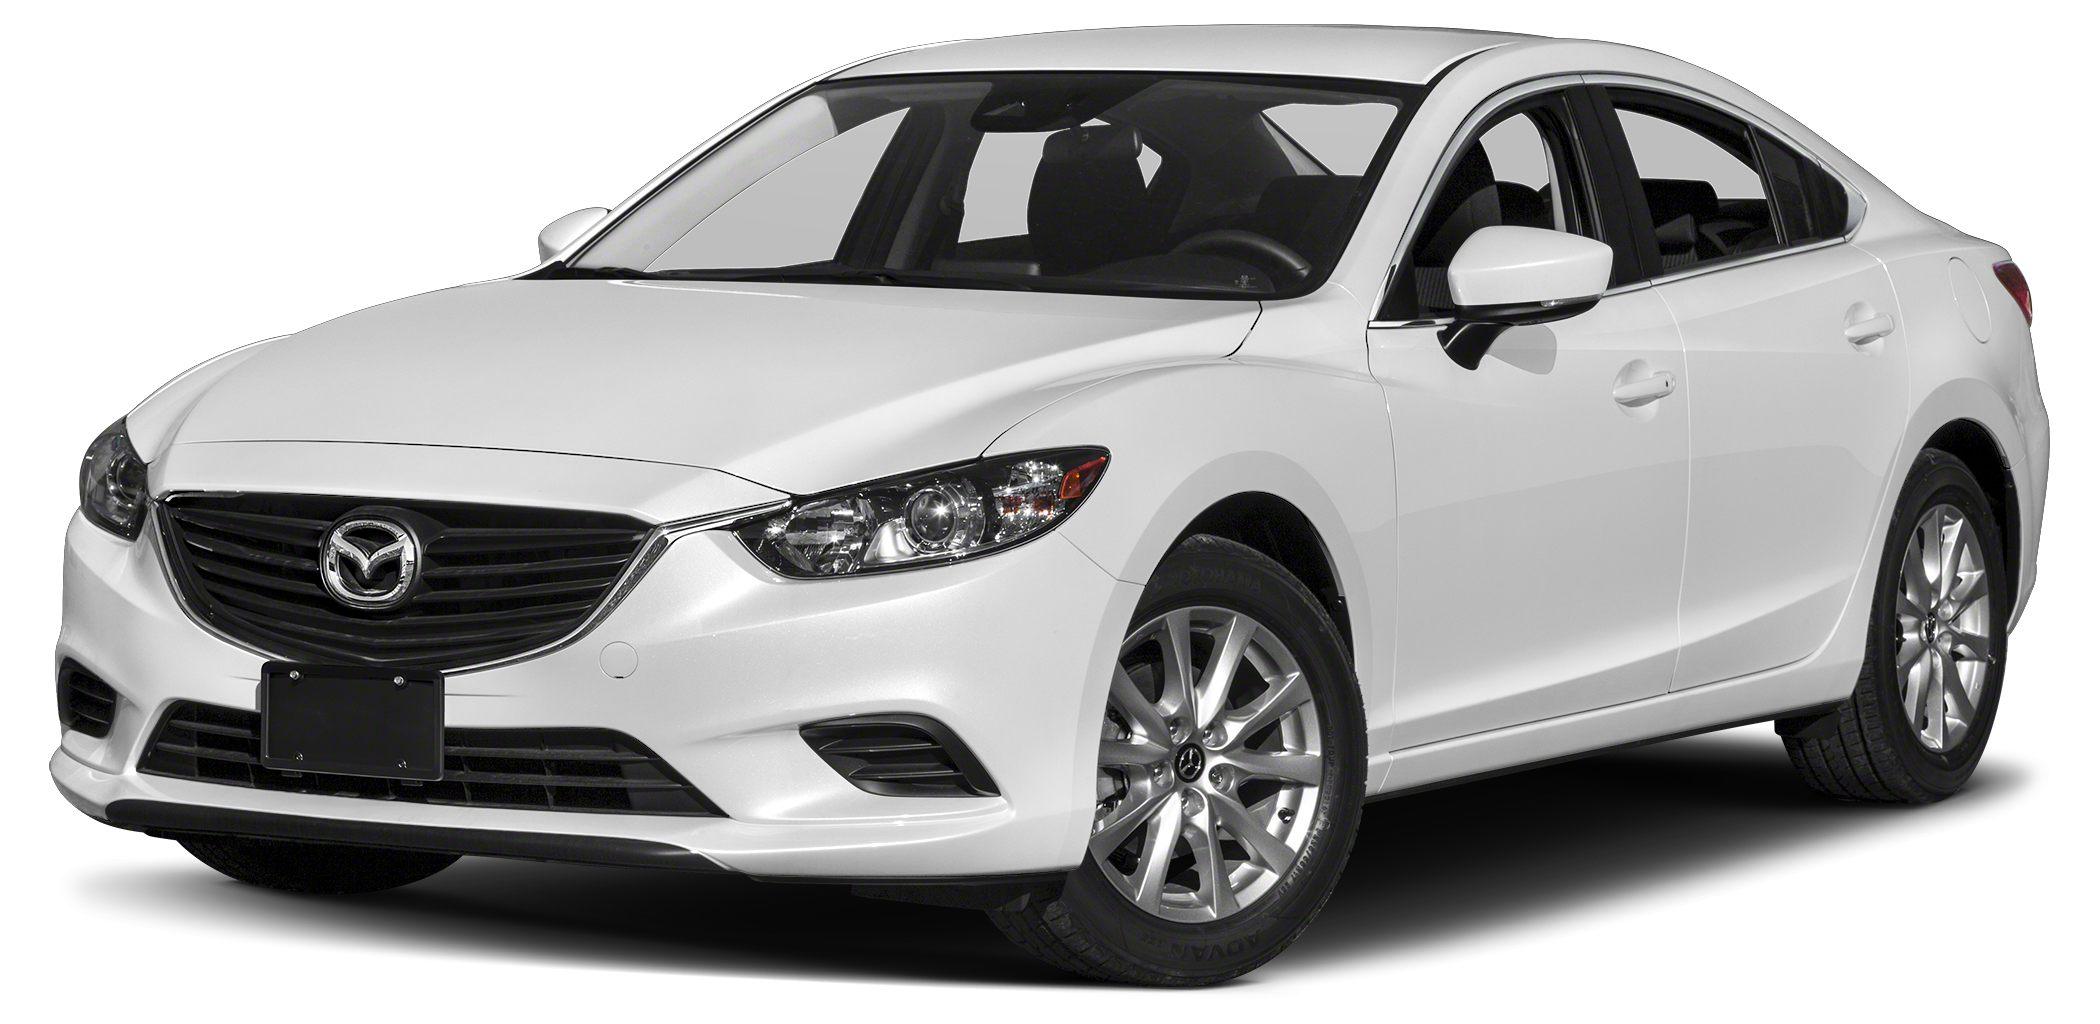 2017 Mazda MAZDA6 Sport Miles 1Color Snowflake White Pearl Mica Stock RM0594 VIN JM1GL1U59H1